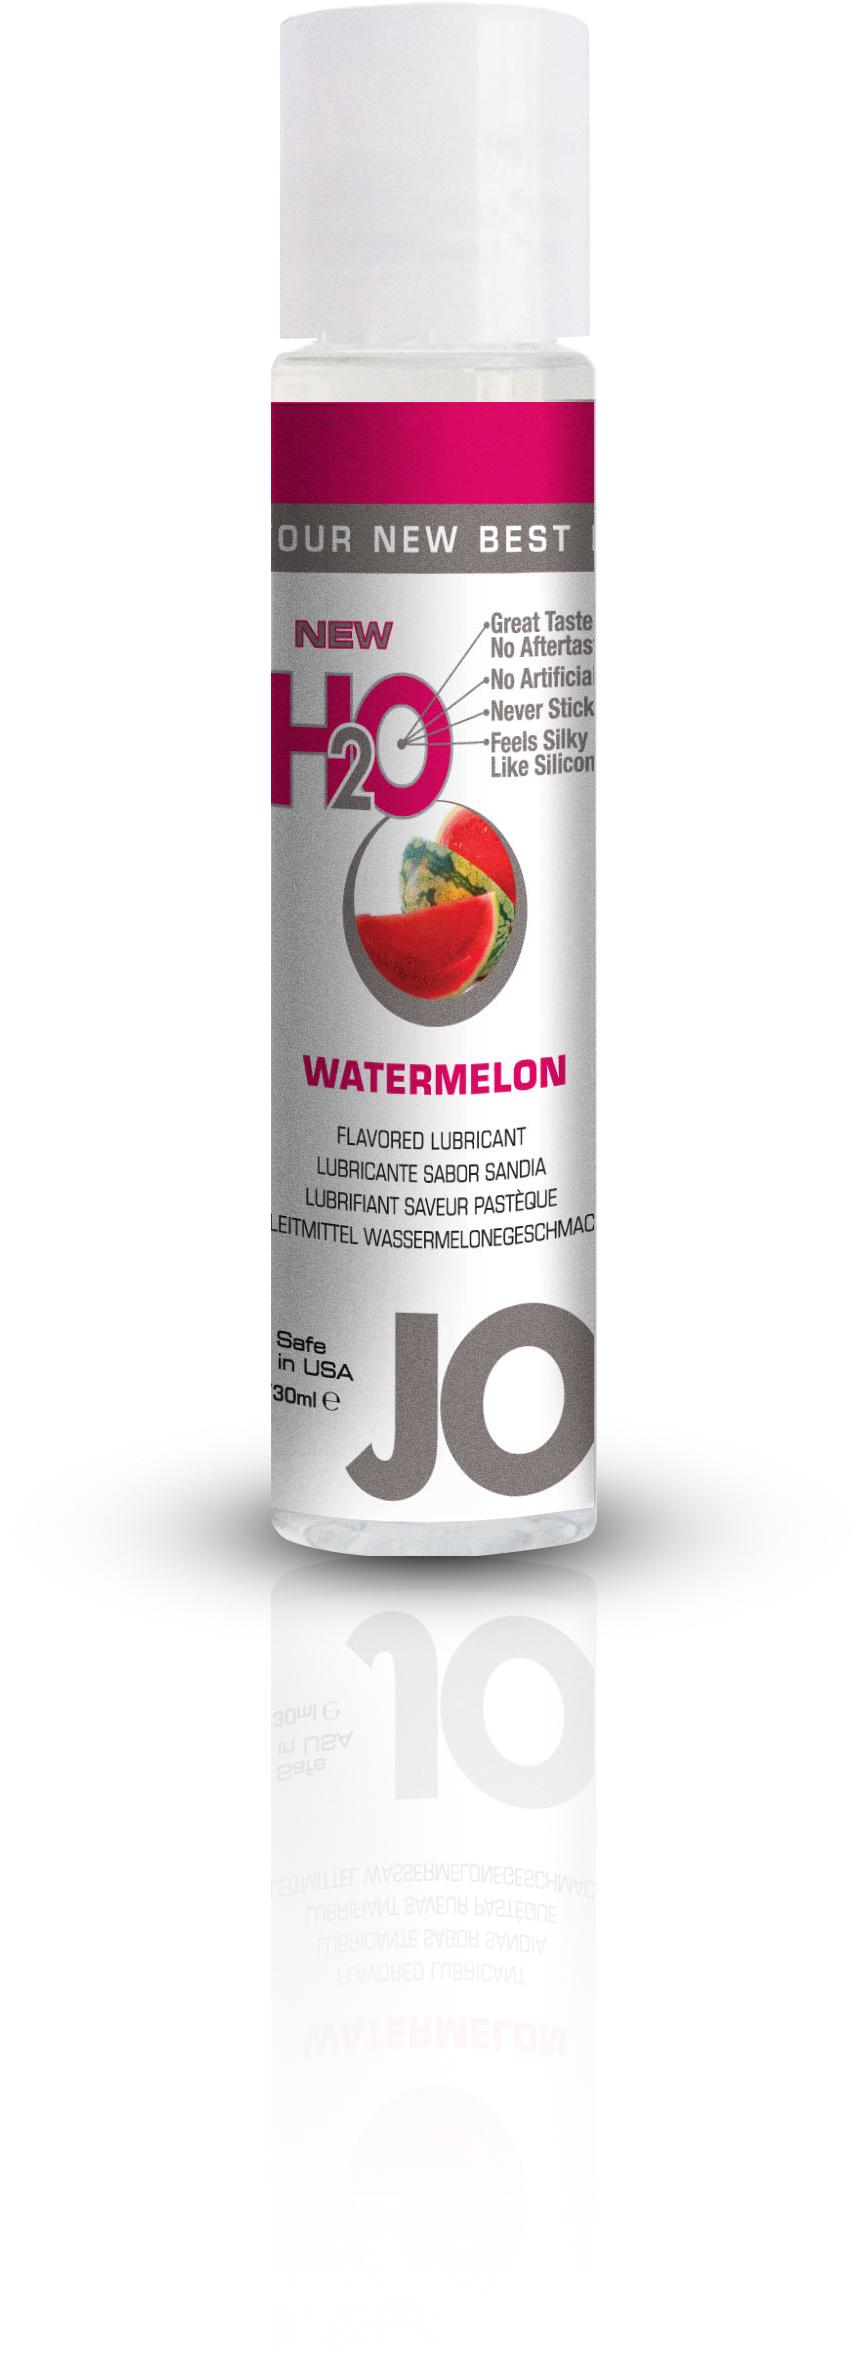 30119_JO_h2o_flavored_lubricant_1oz_1oz_watermelon.jpg